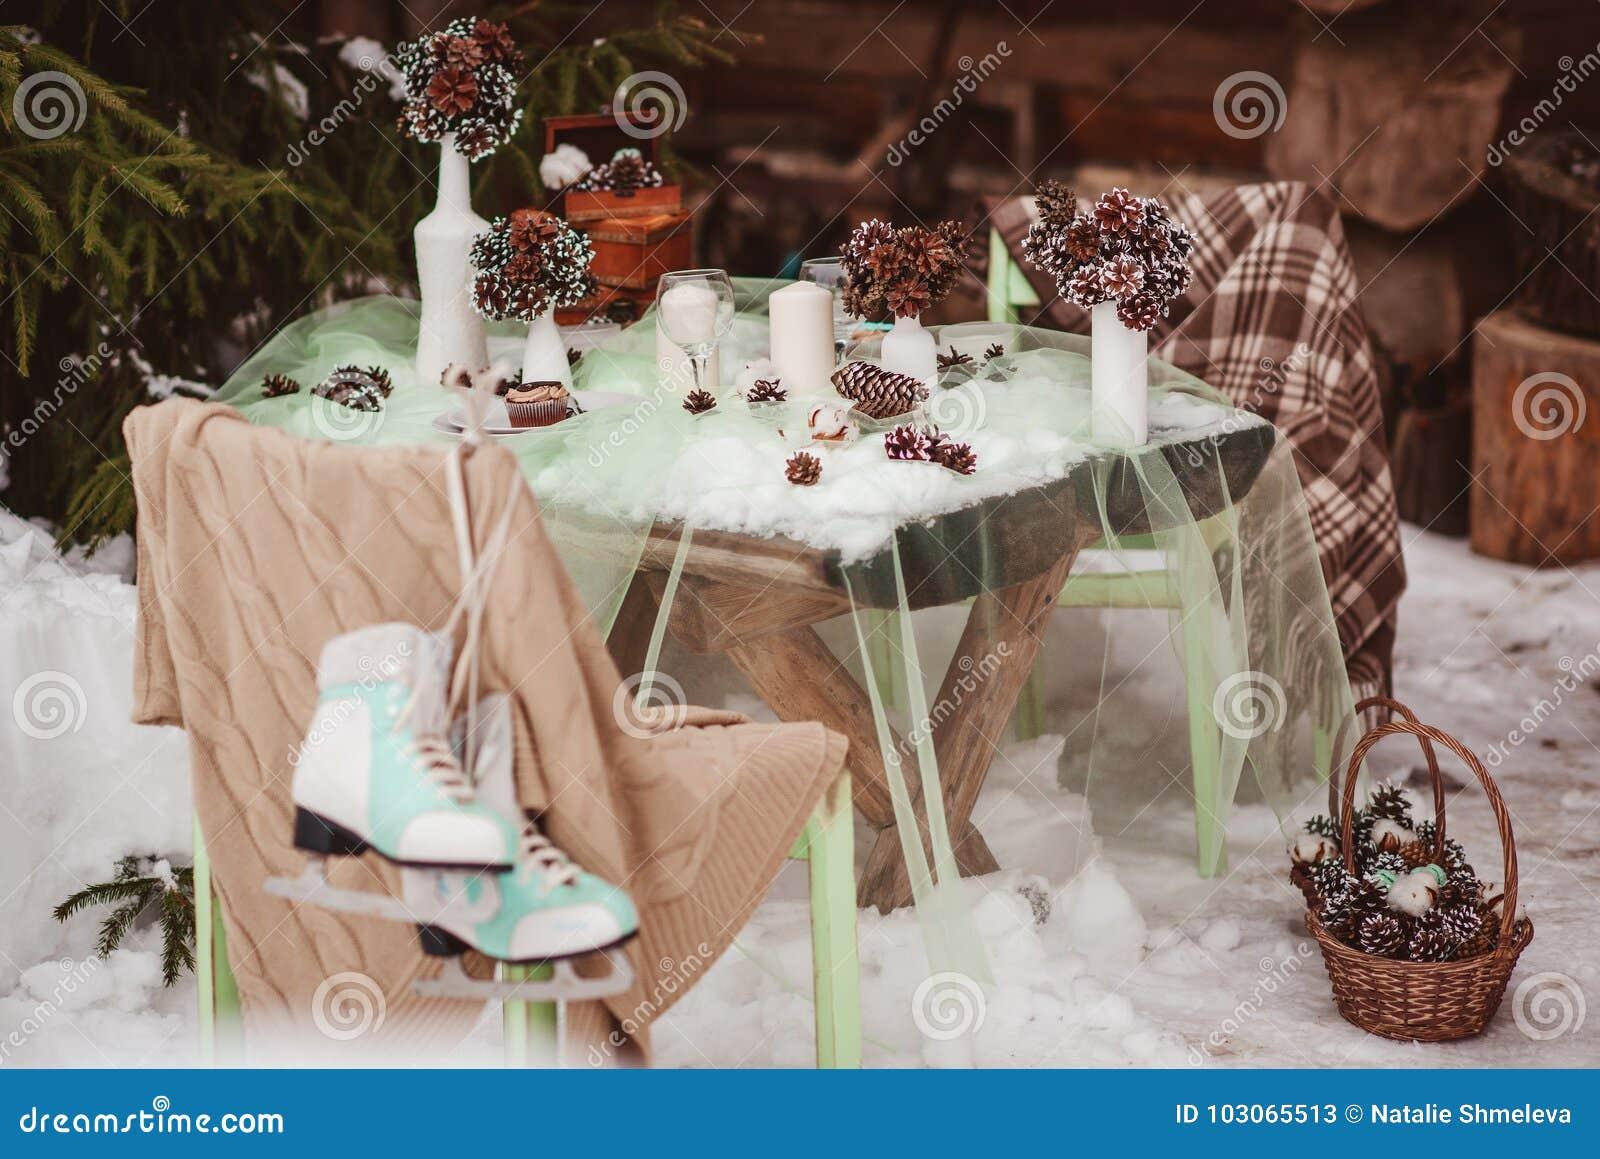 冬天婚礼桌